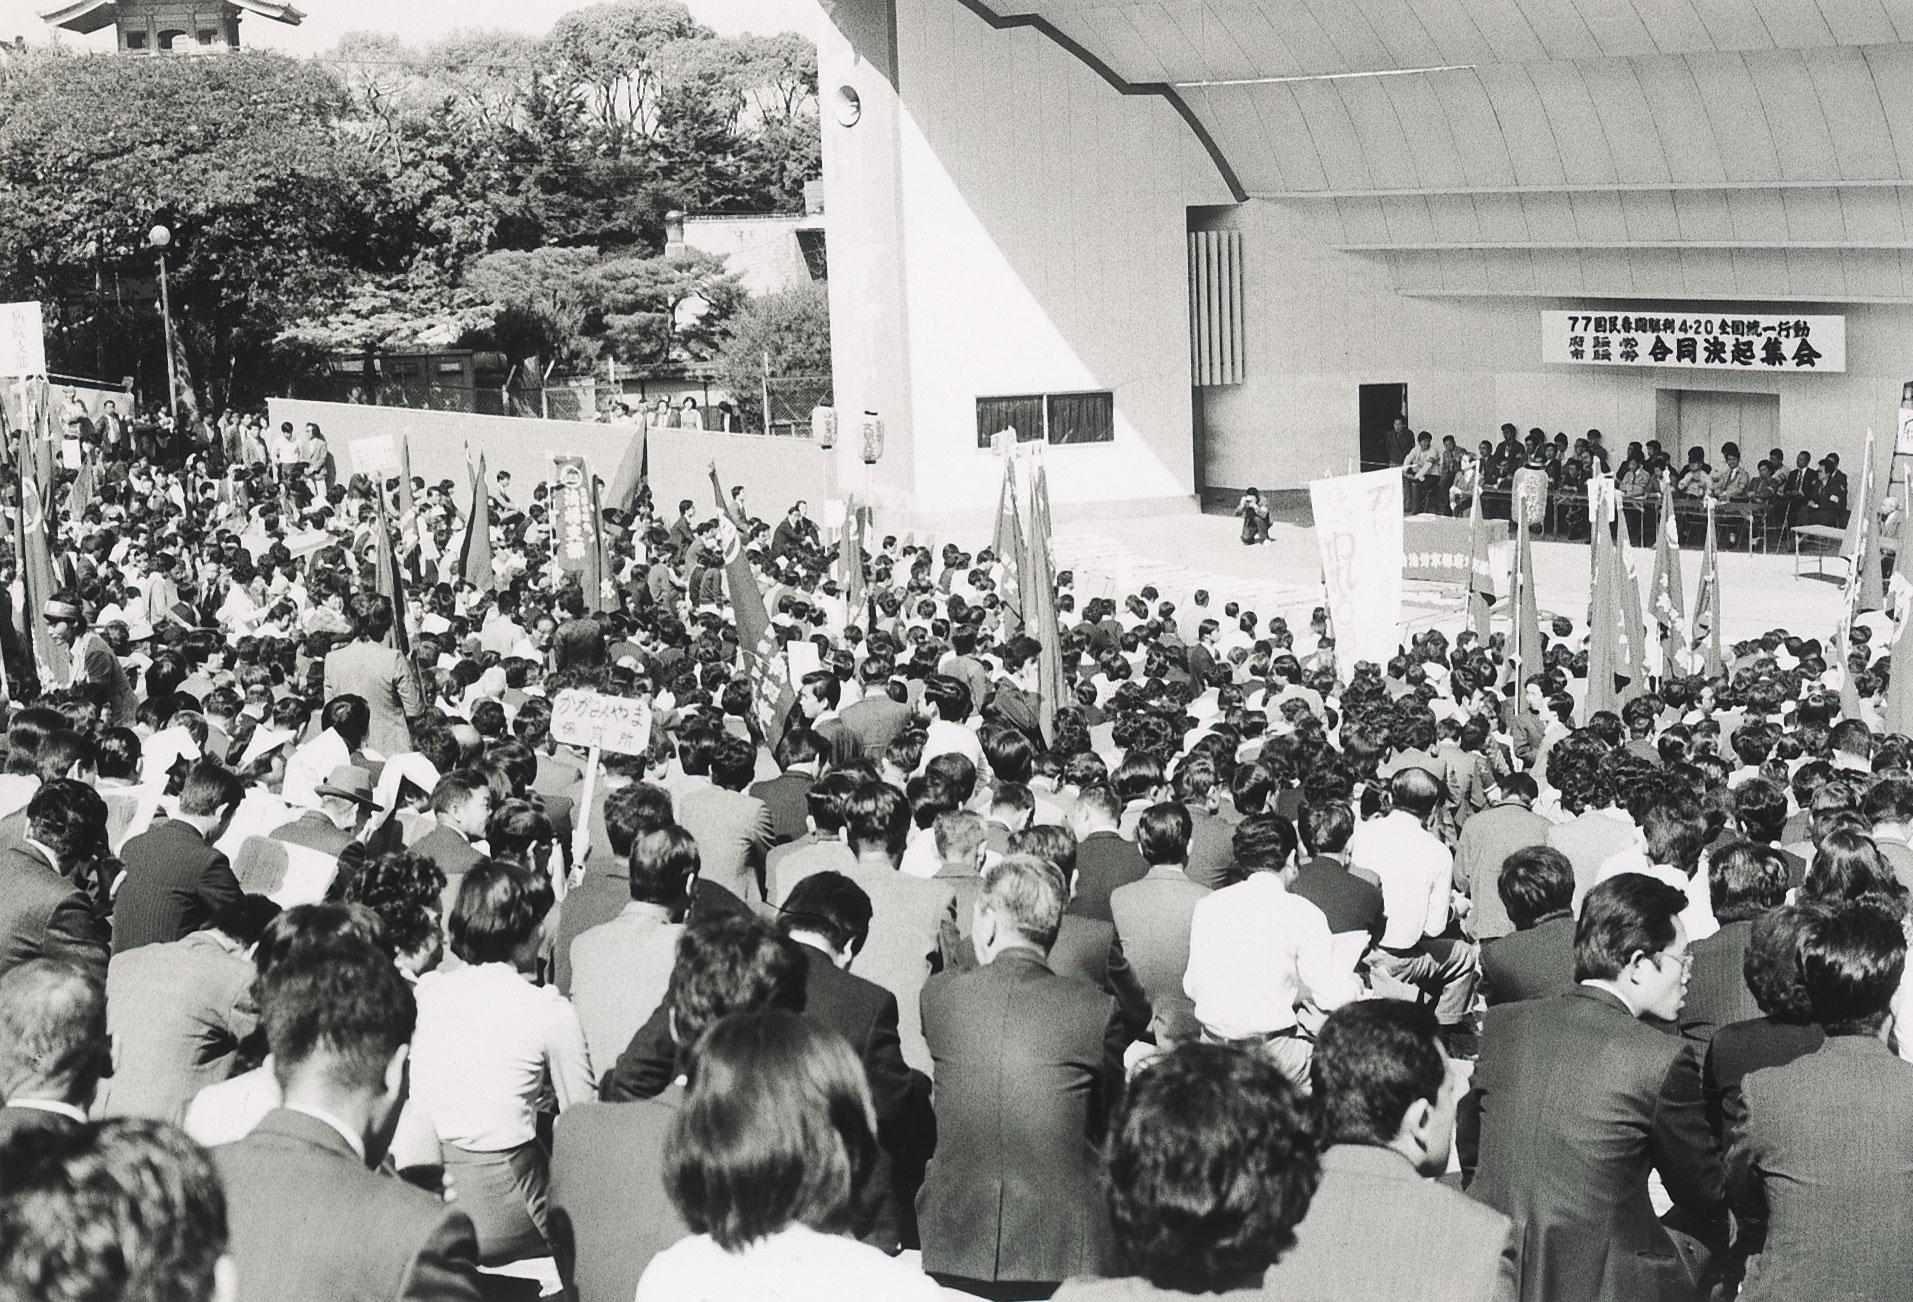 77国民春闘勝利4・20全国統一行動 府職労・市職労合同決起集会